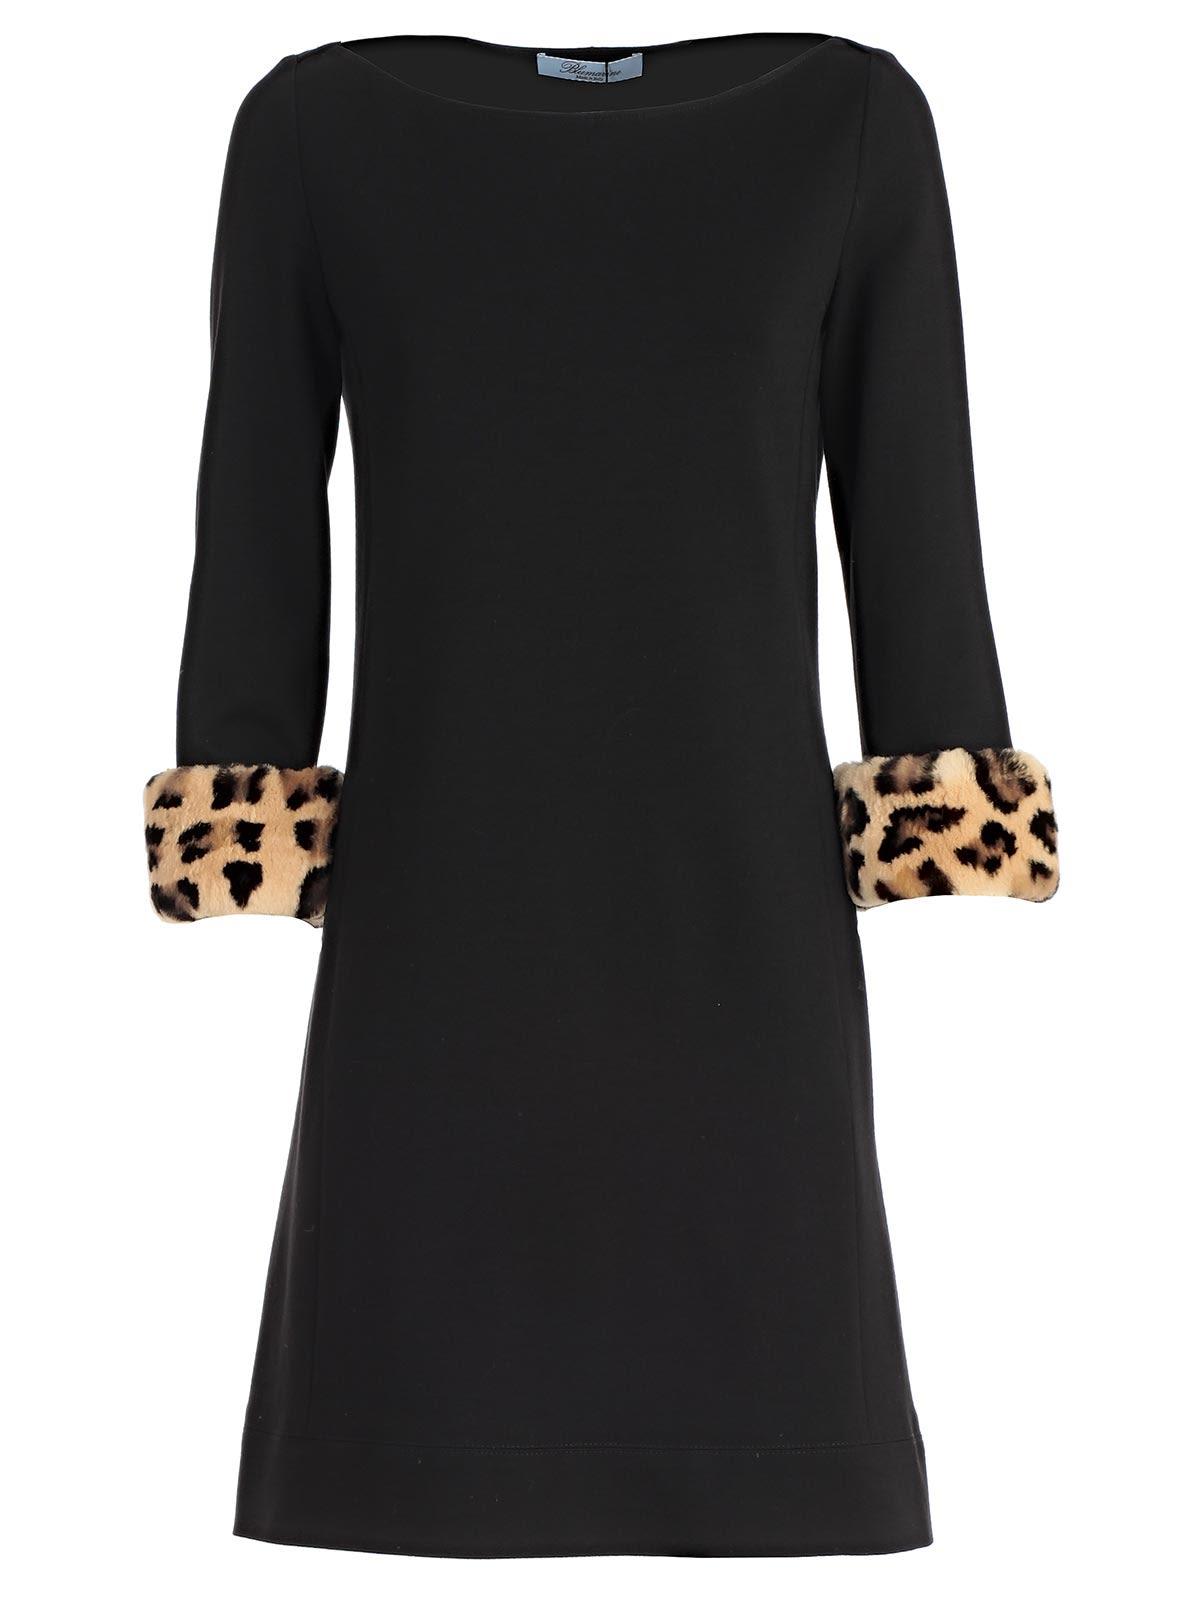 BLUMARINE LEOPARD PRINT CUFF DRESS